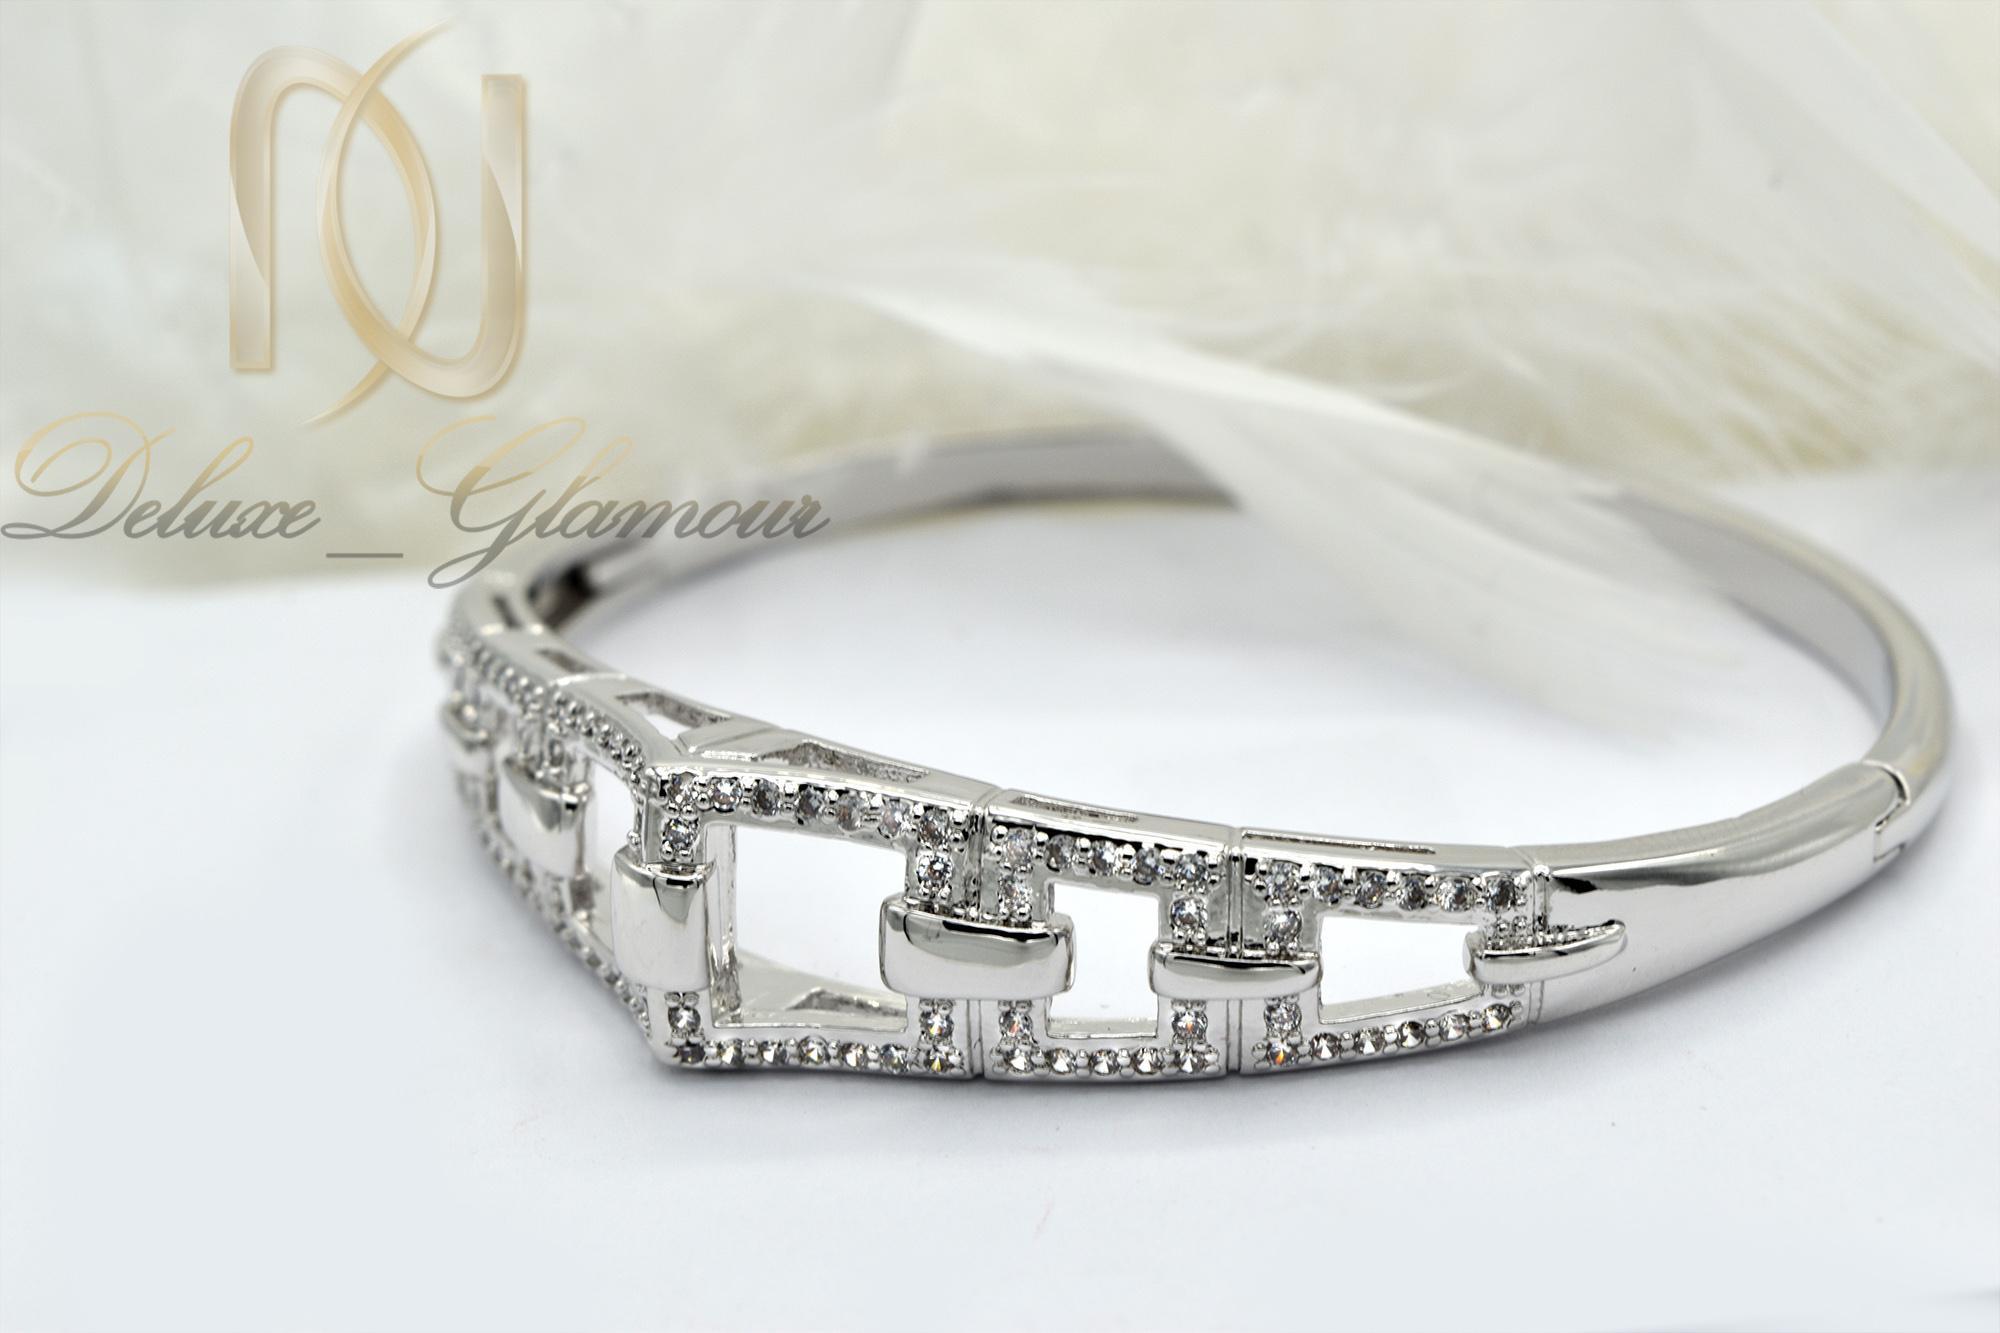 دستبند زنانه ژوپینگ روکش رادیوم ds-n355 از نمای کنار